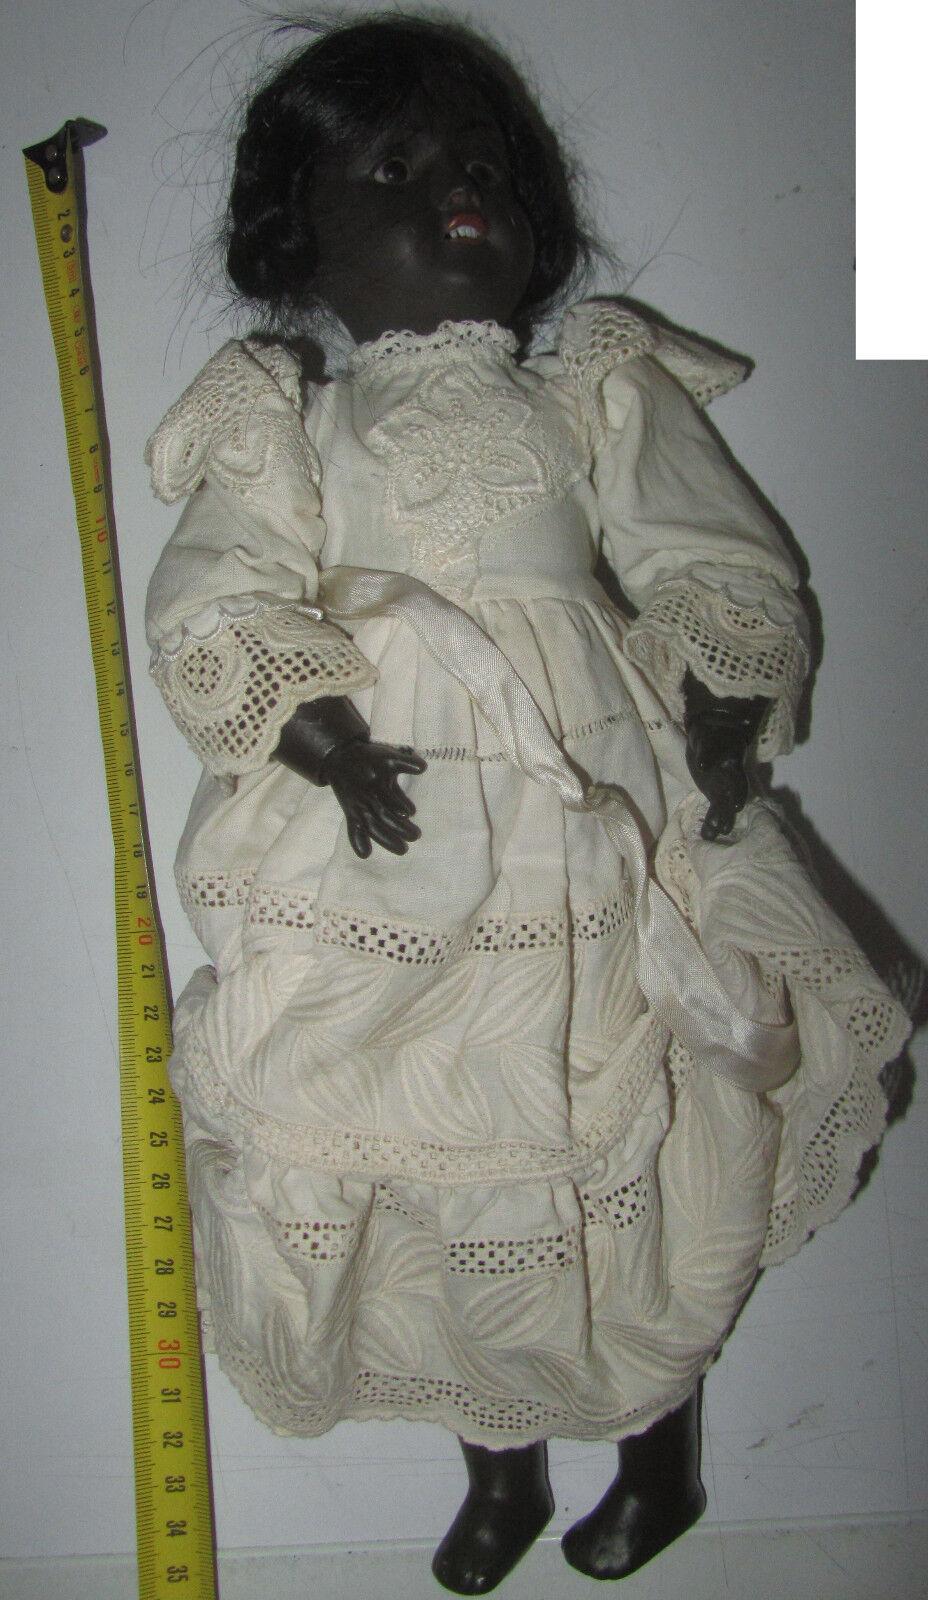 Bambola Antica Recknagel 1914 DEP R7oA Geruomoy circa 35cm bambola poupè